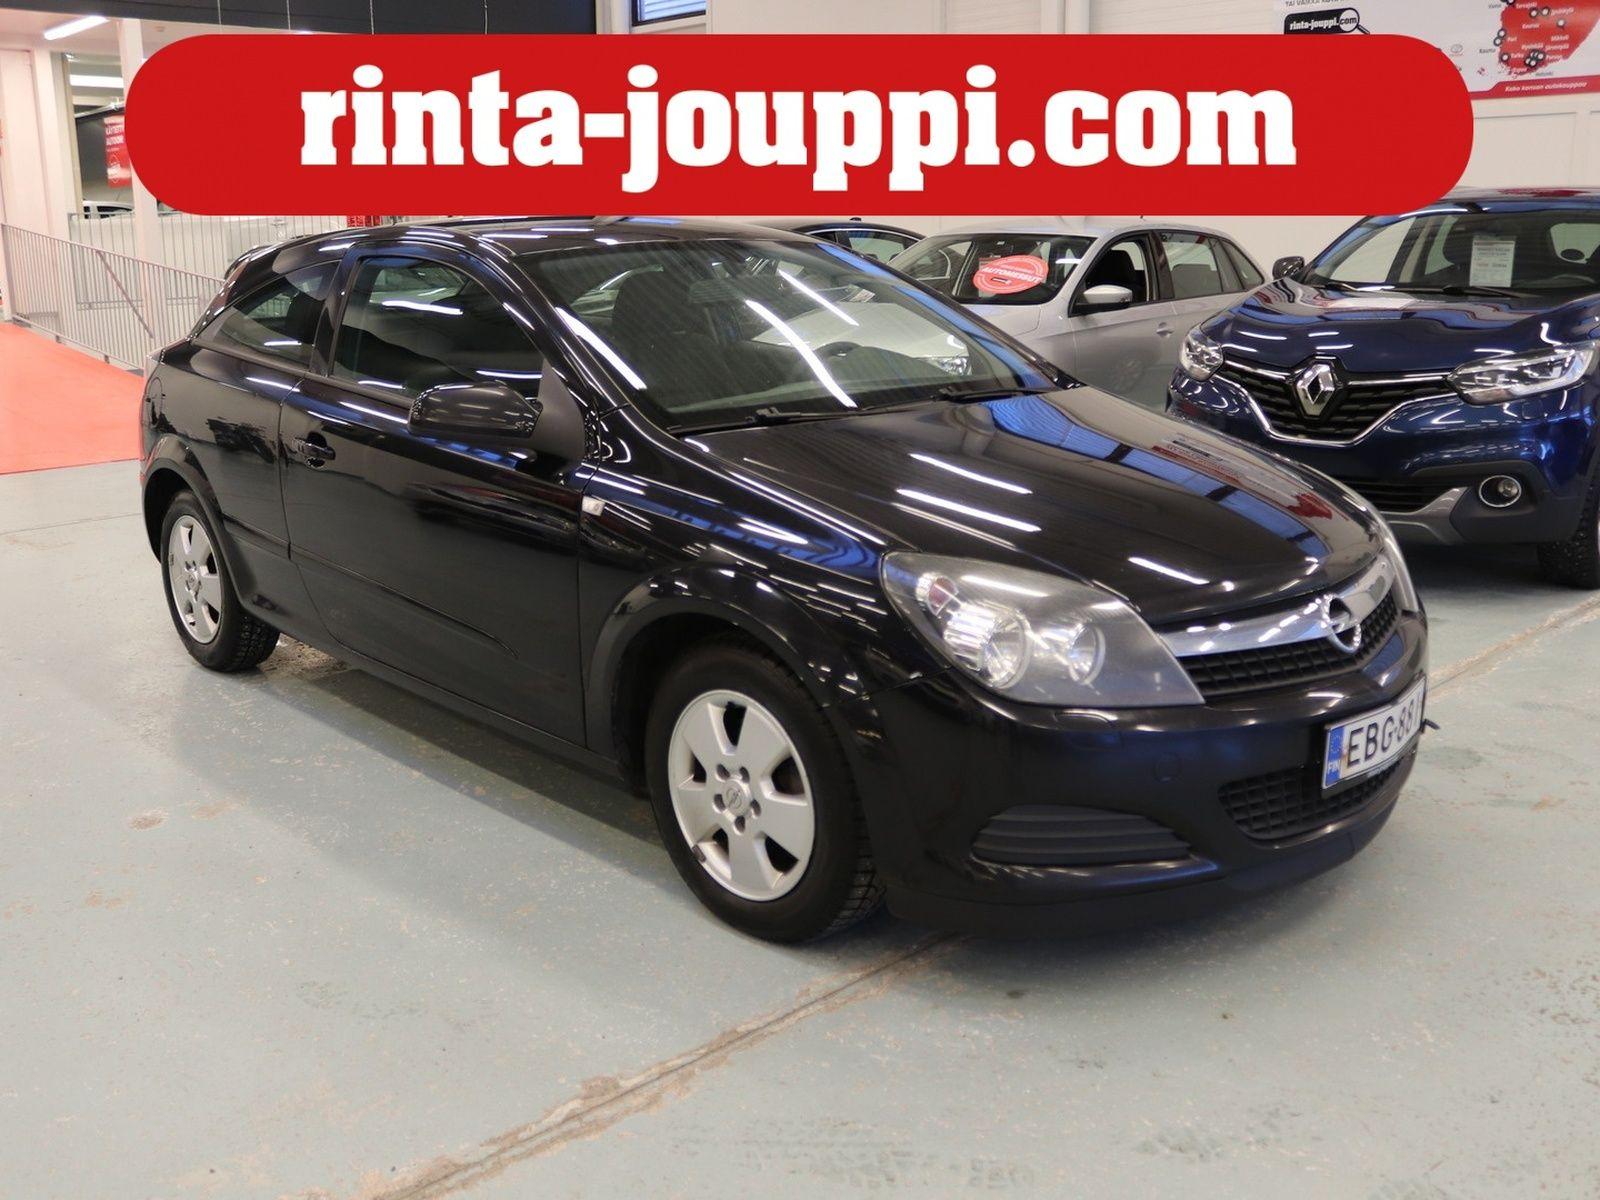 Opel Astra 1 6 16 Enjoy Gtc 3d Halpa Kayttoauto Ebg 881